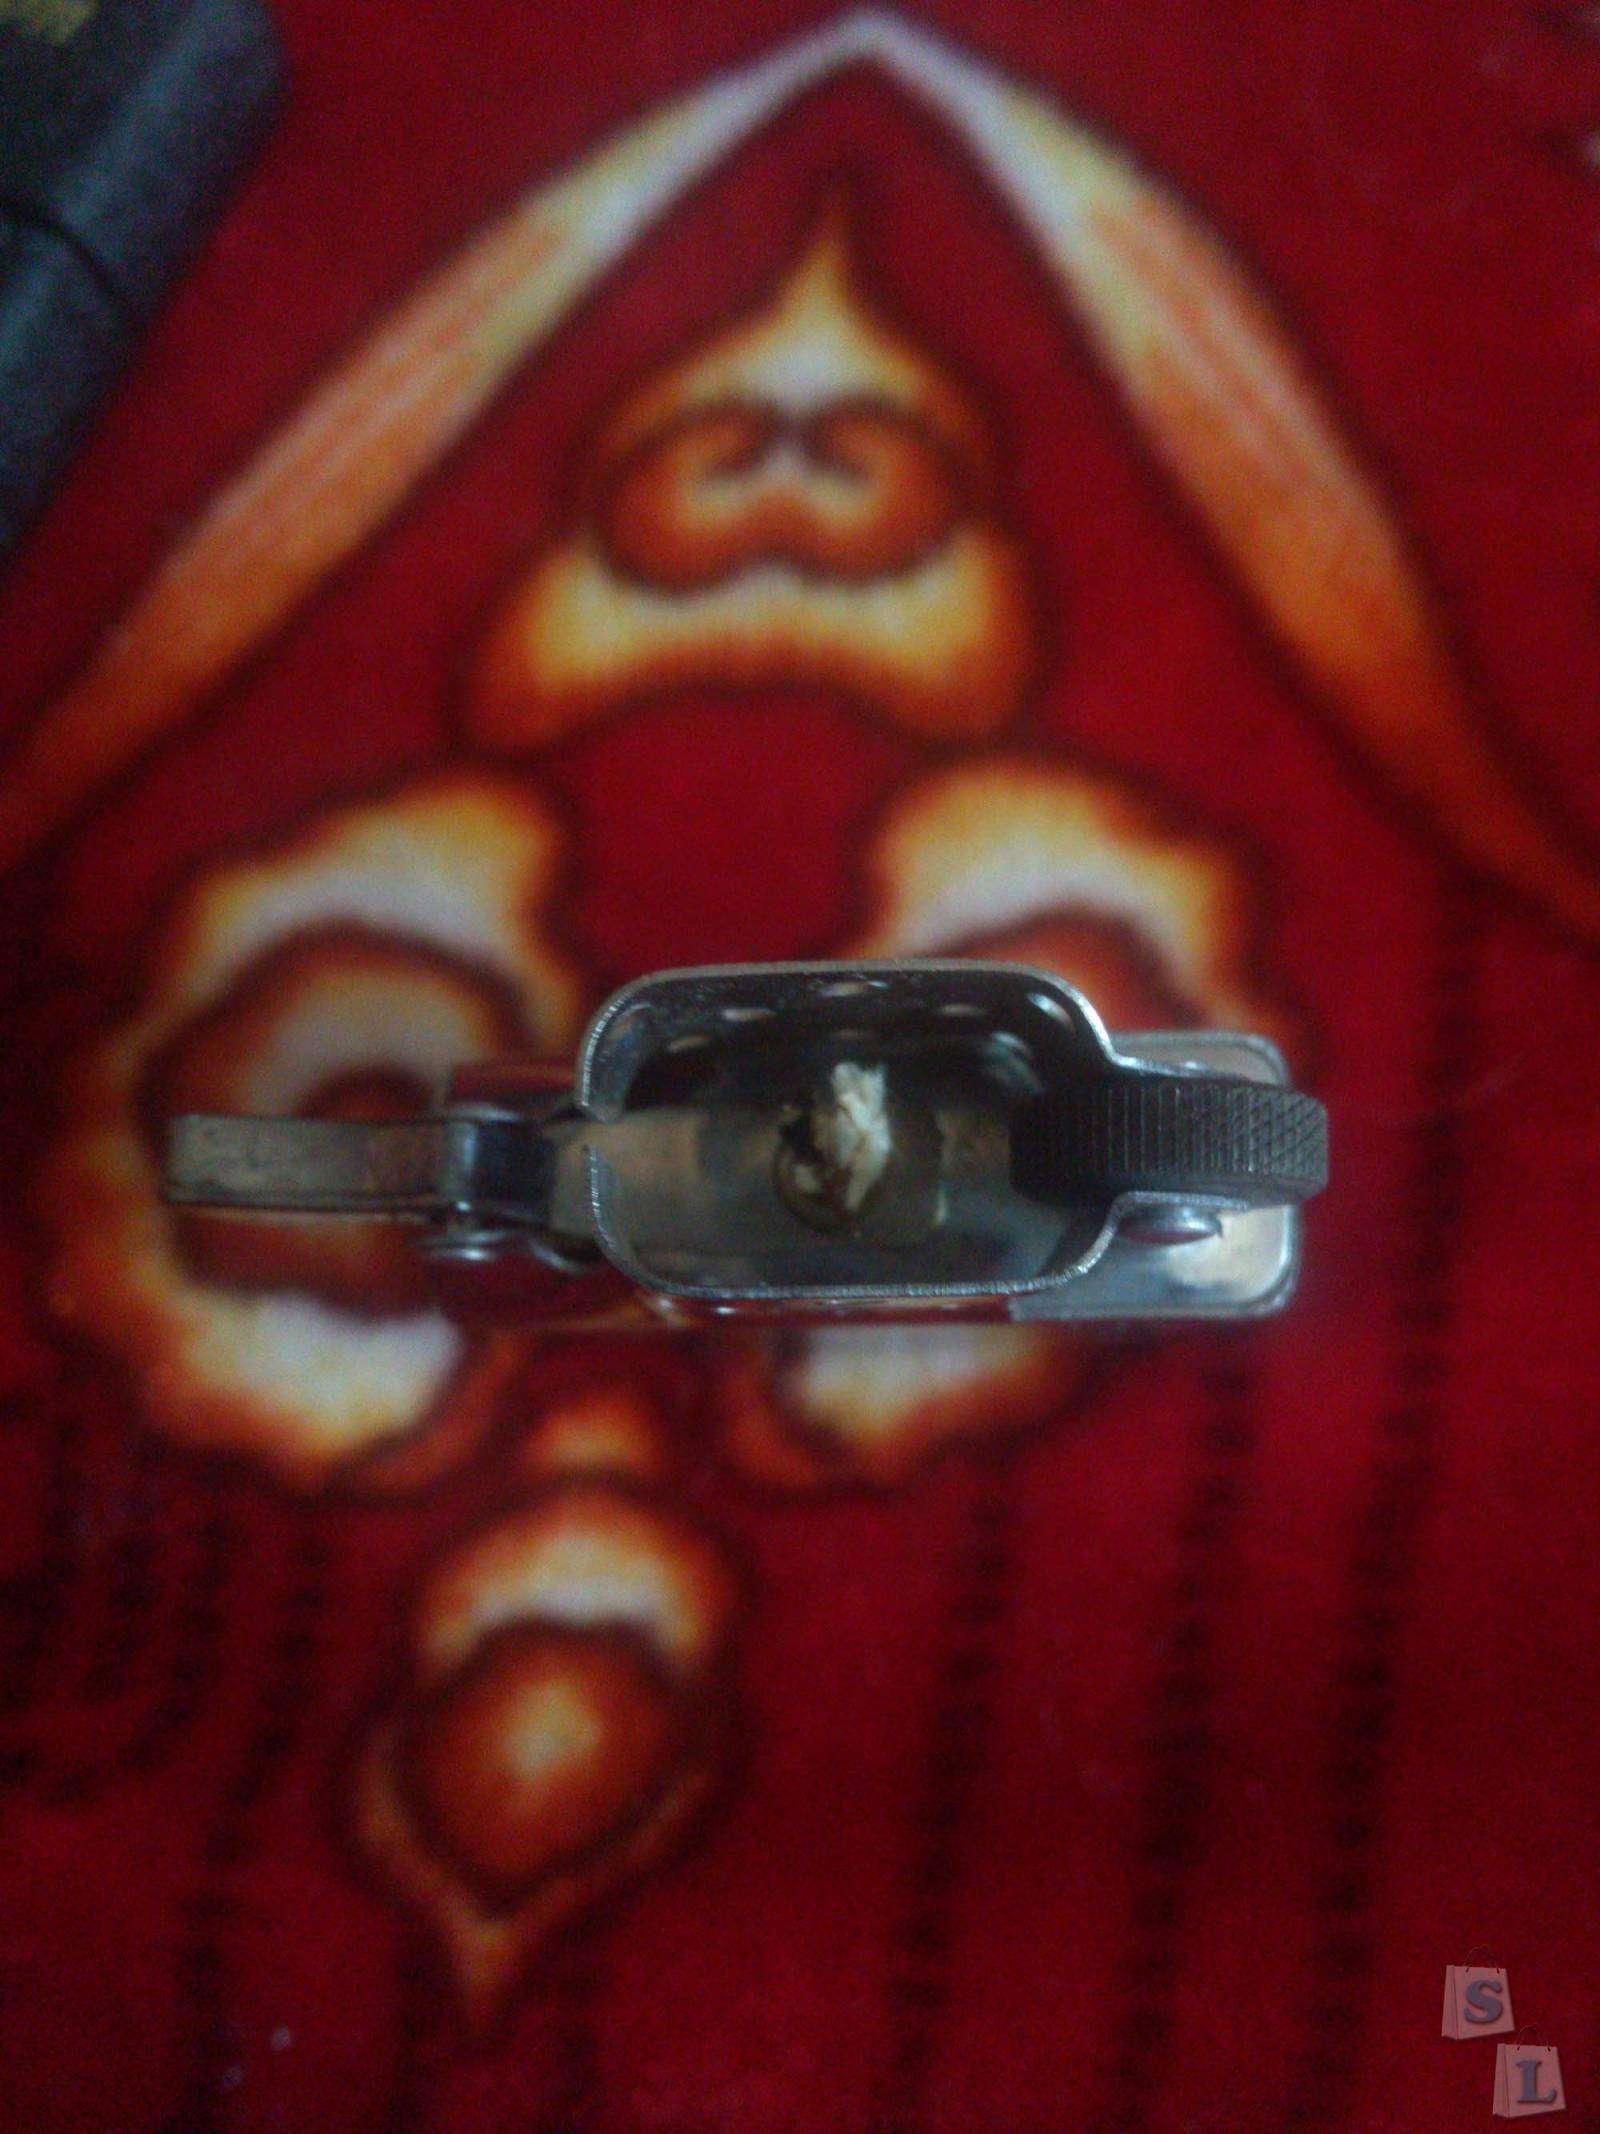 TinyDeal: Бензиновая зажигалка с черепком.